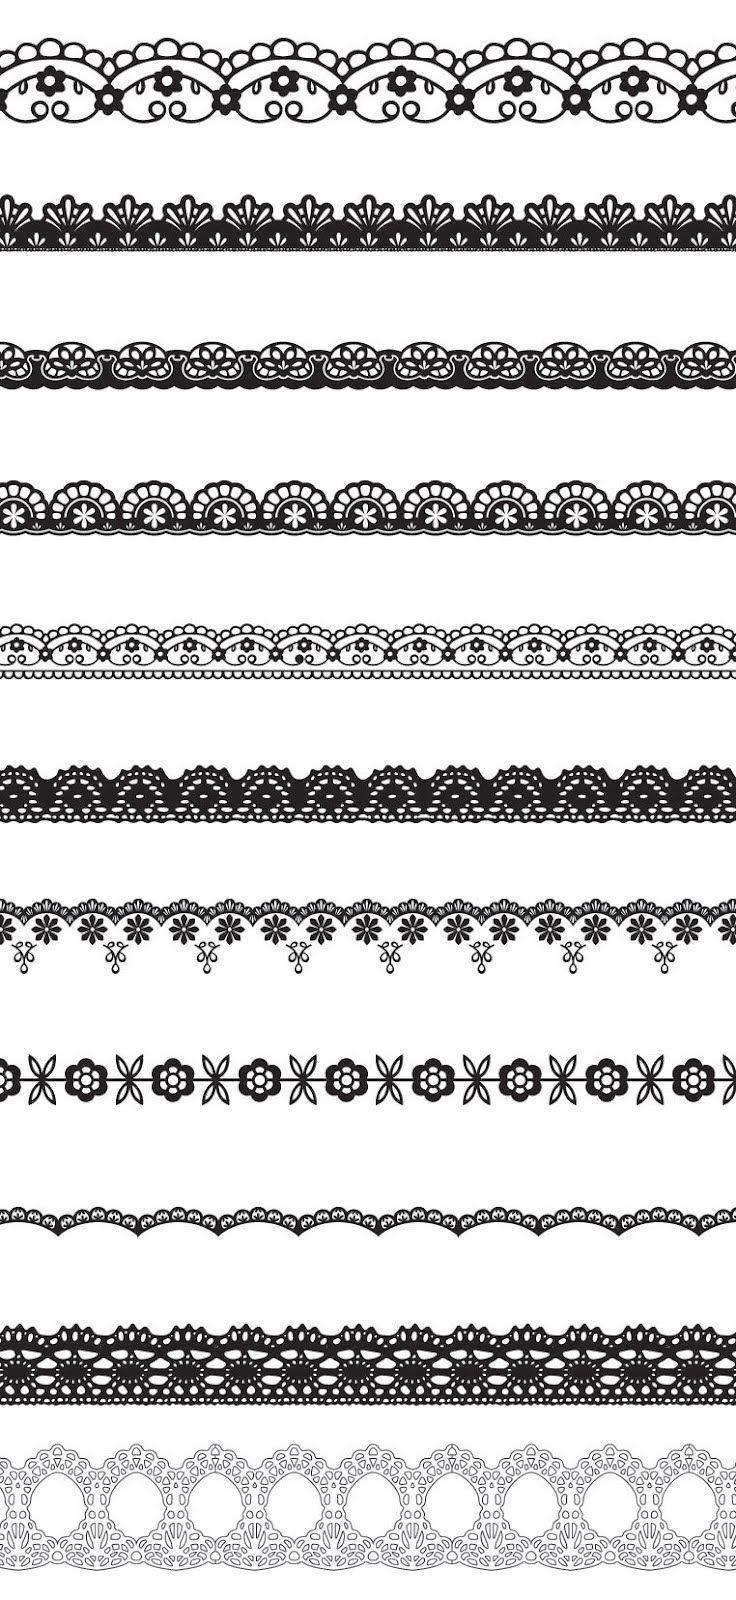 Bracelet svg #8, Download drawings